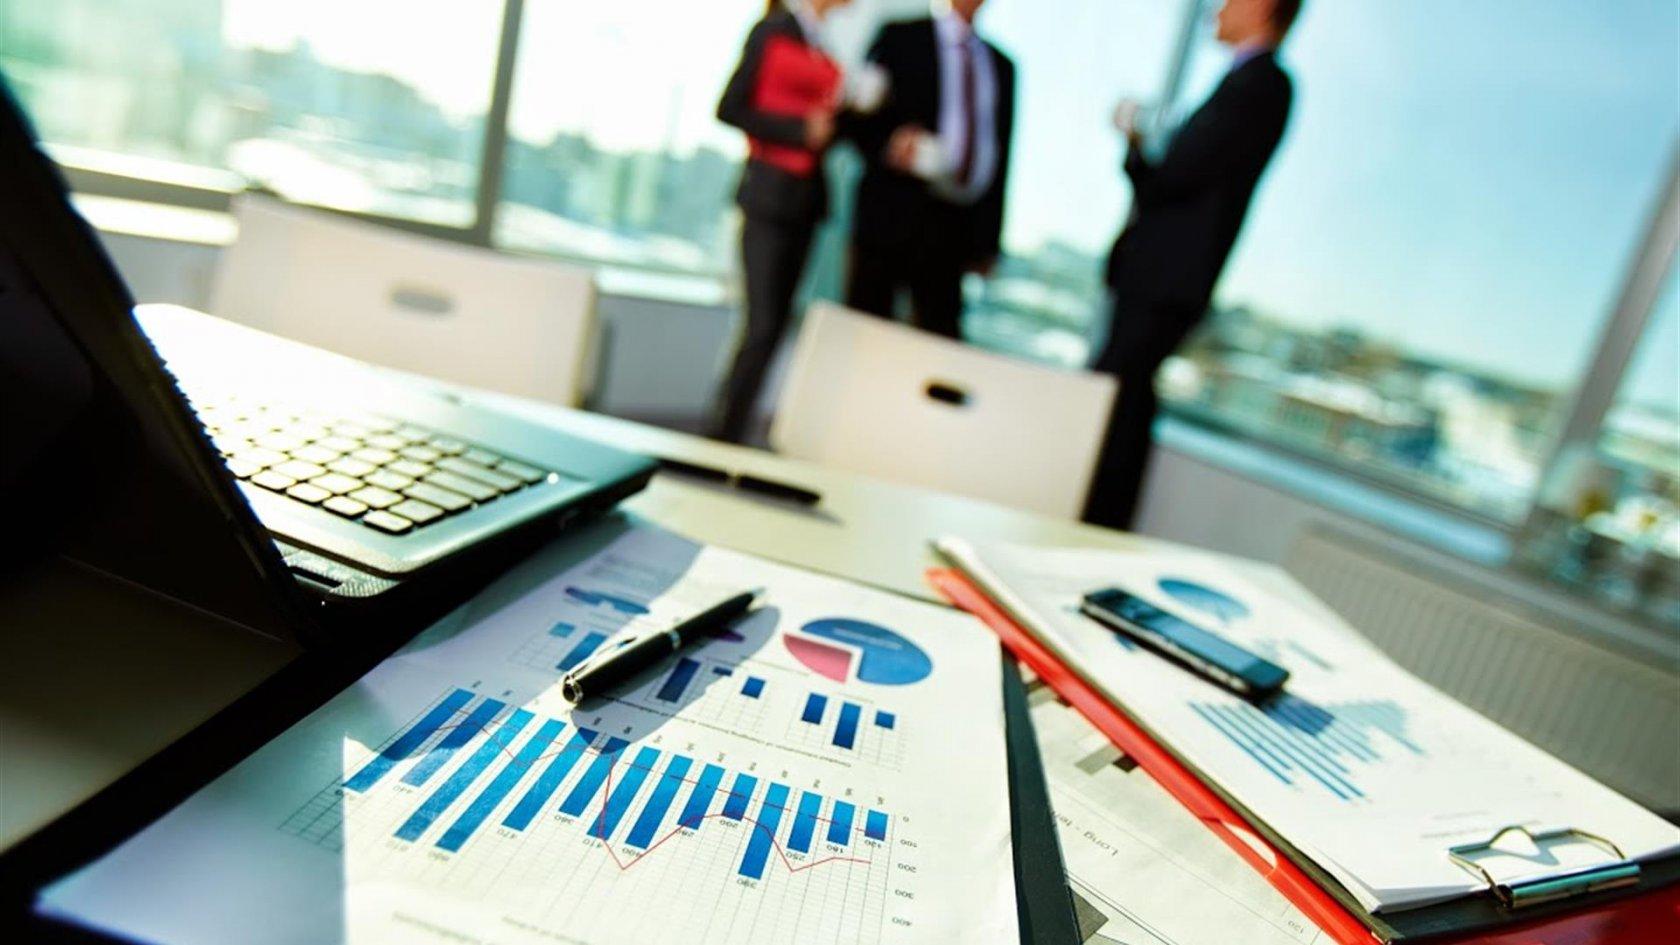 BPO Solution hoạt động như một cầu nối giữa doanh nghiệp và người lao động